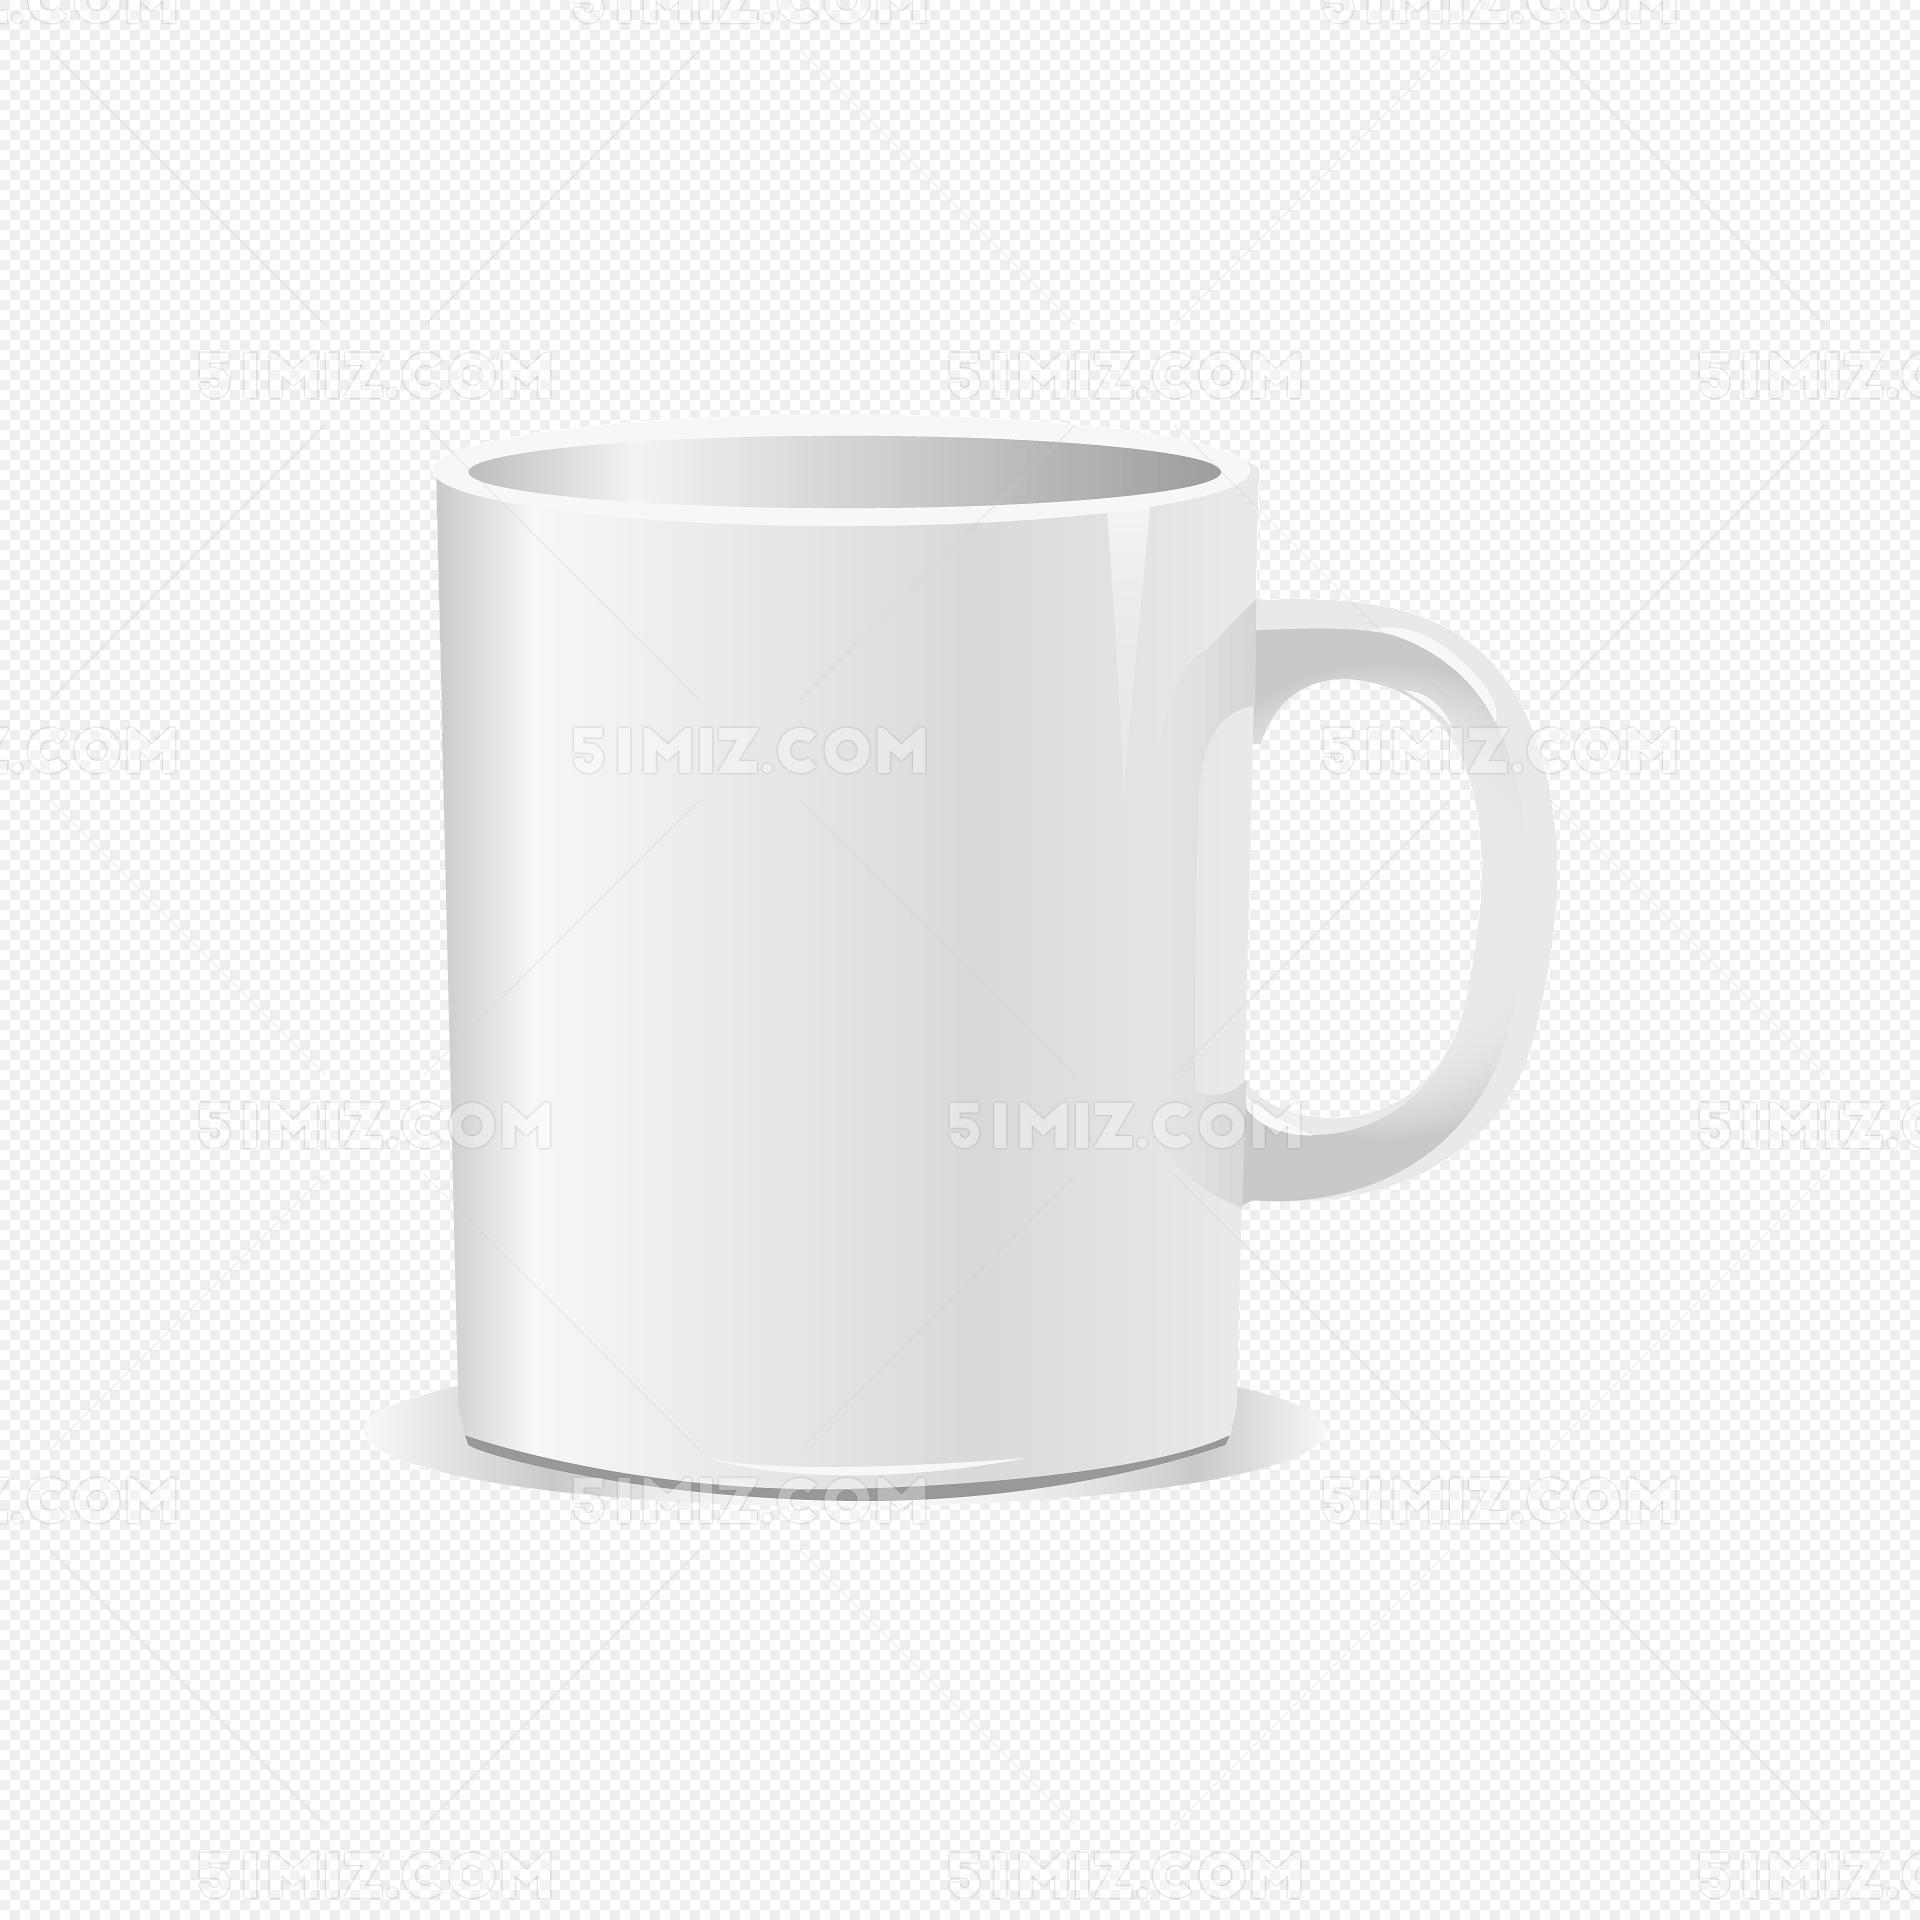 白色马克杯杯子矢量素材图片